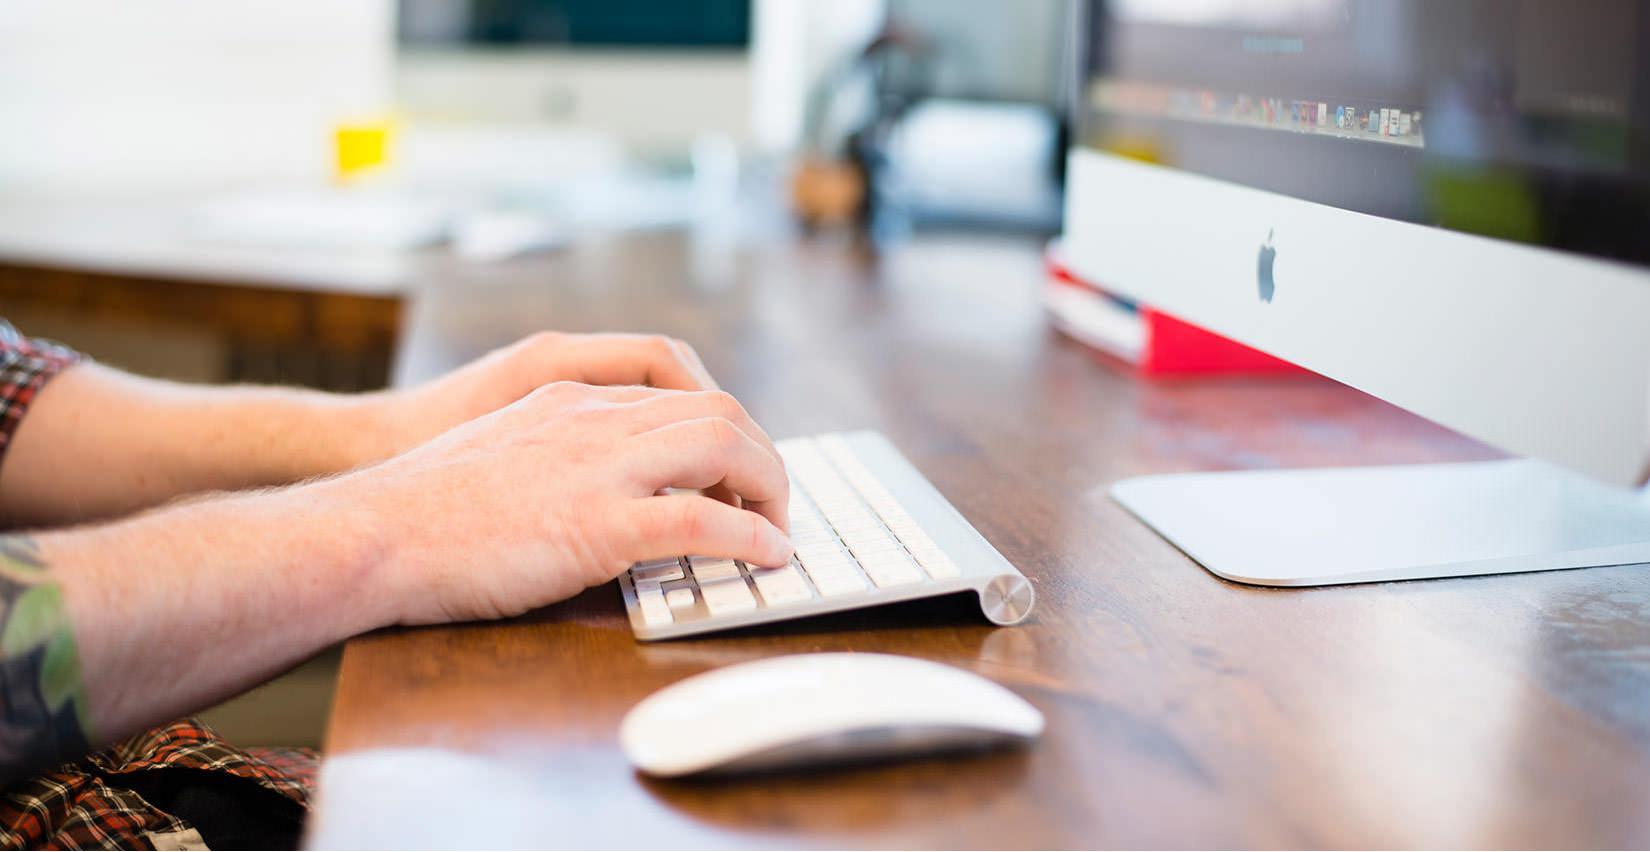 Znanje enega od priljubljenih programskih jezikov vam bo odprlo številne nove možnosti na področju zaposlovanja.